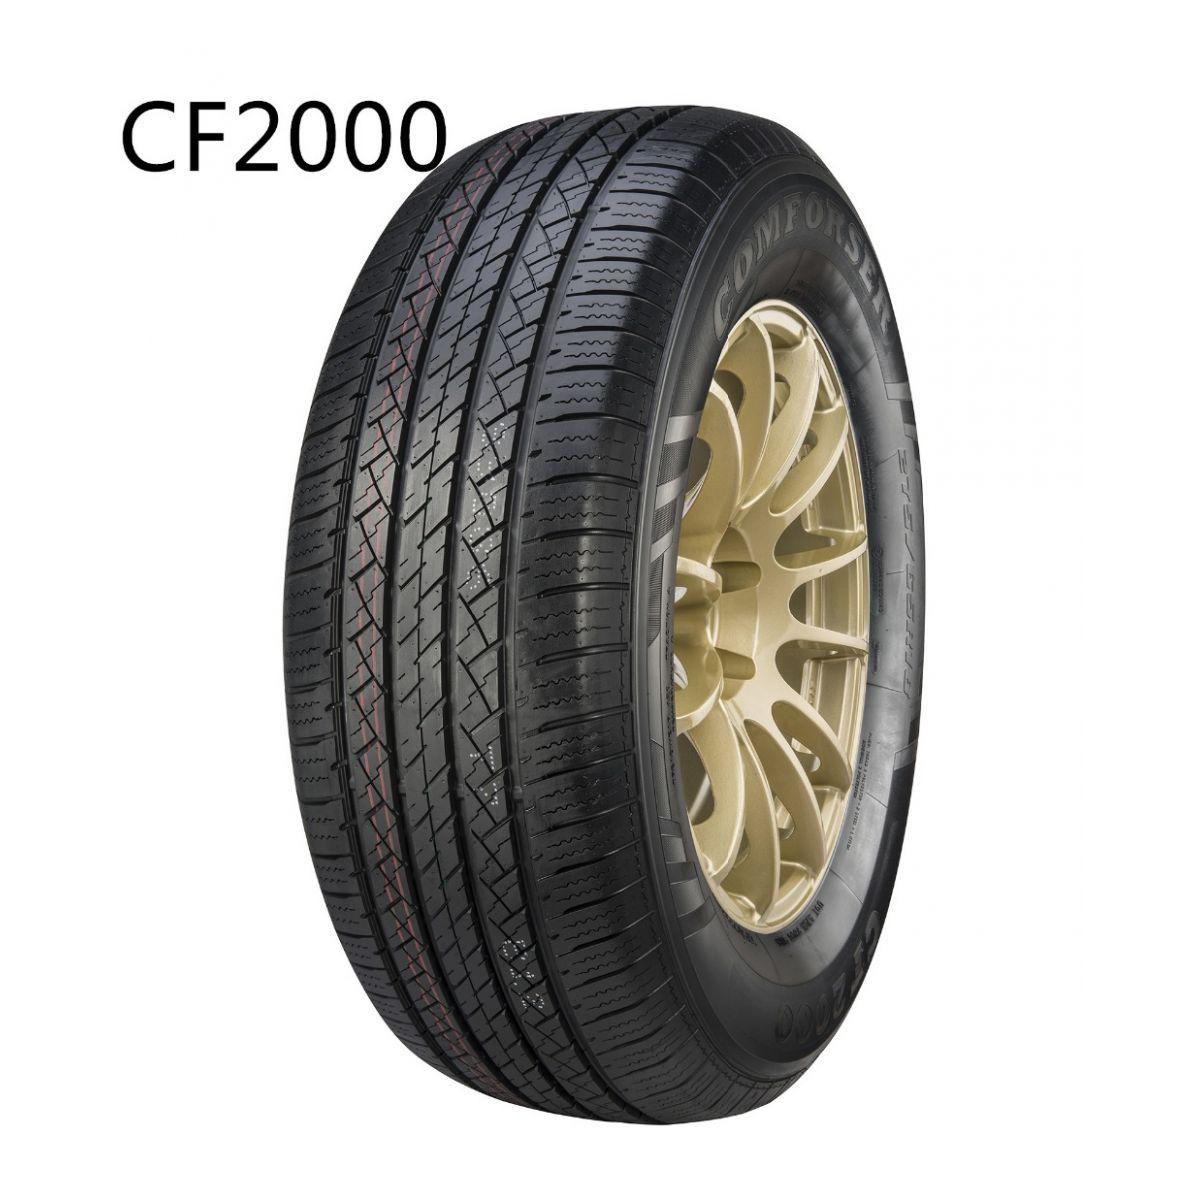 PNEU COMFORSER 235/75R15 105H CF2000 HT